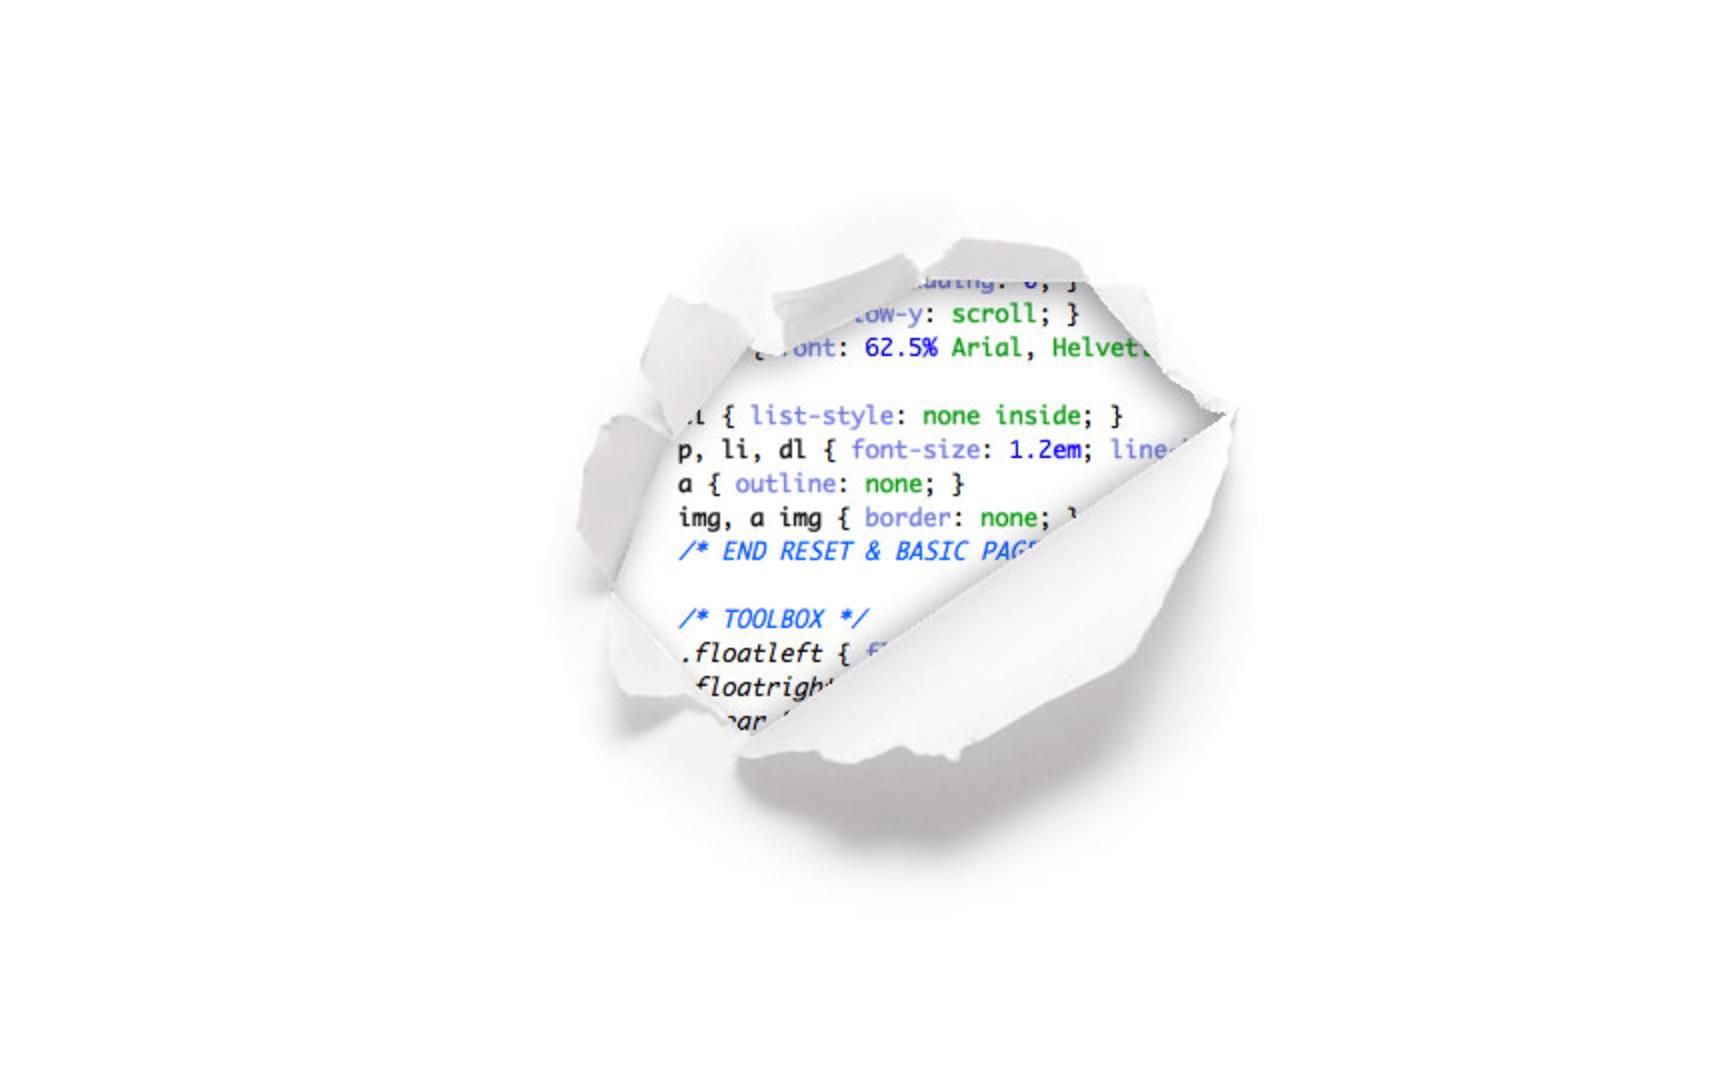 En CSS-Tricks tienen una página 404 tan minimalista que realmente carece de utilidad.